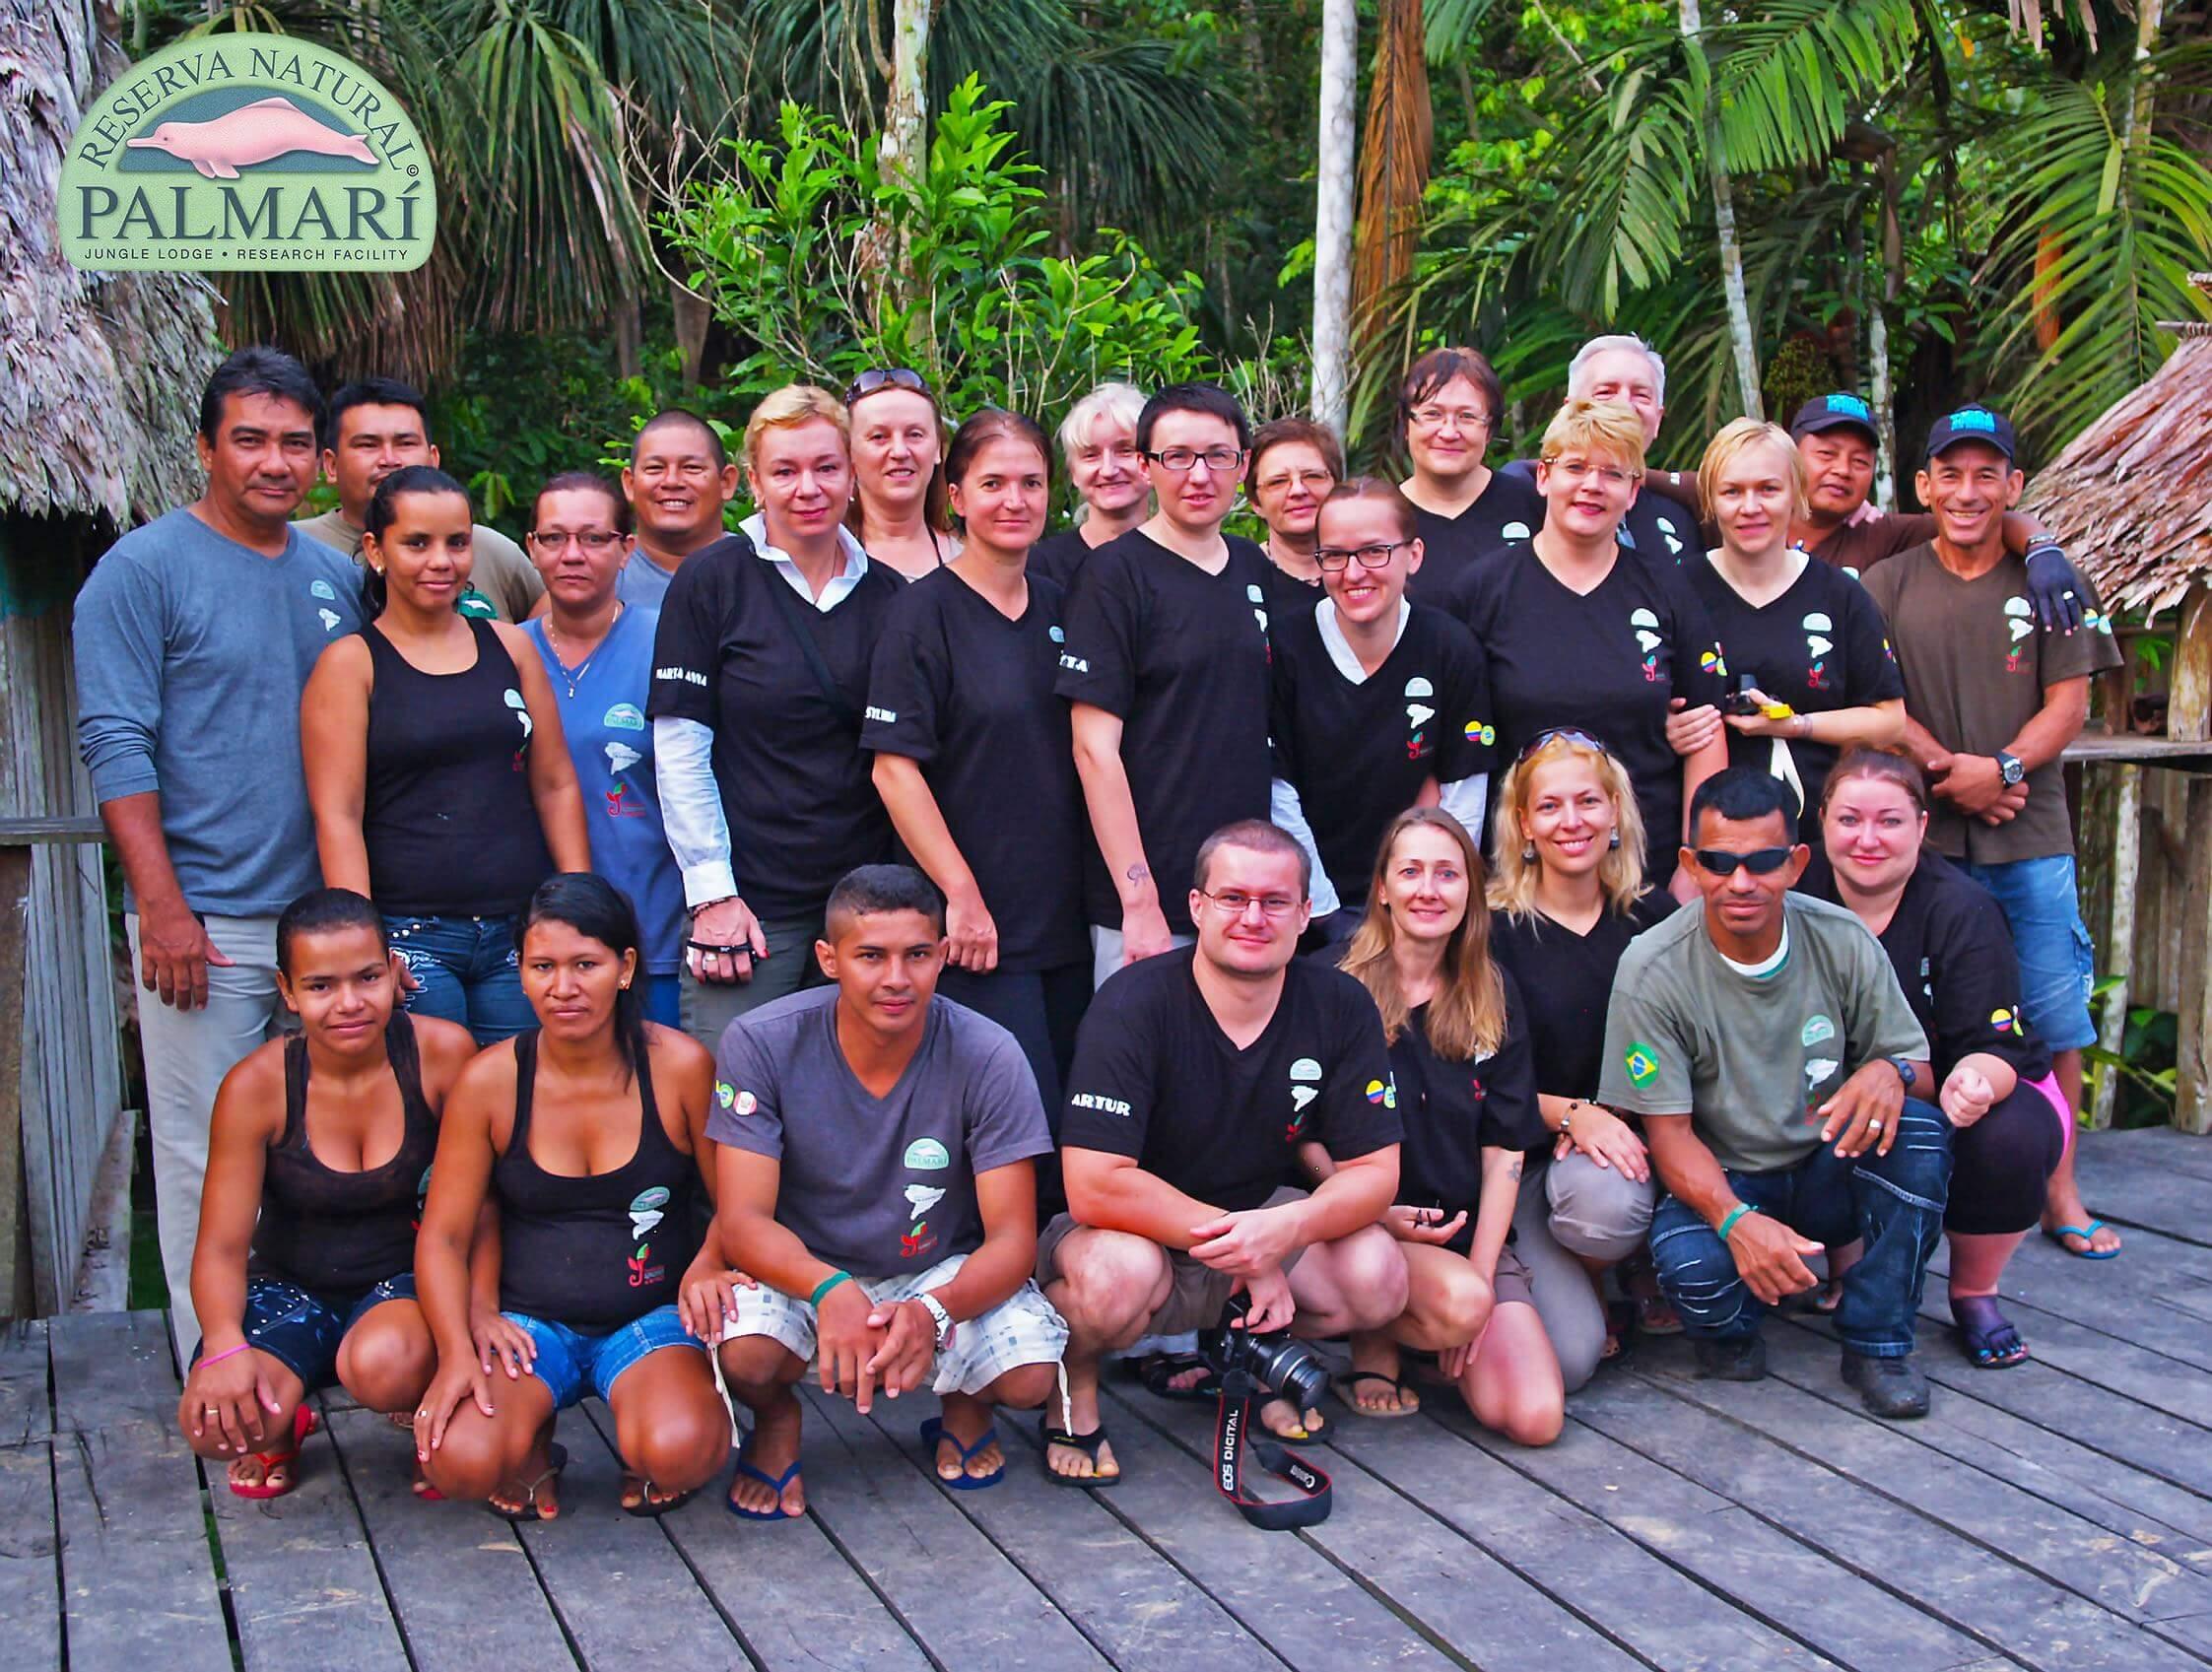 Reserva-Natural-Palmari-Visitors-60